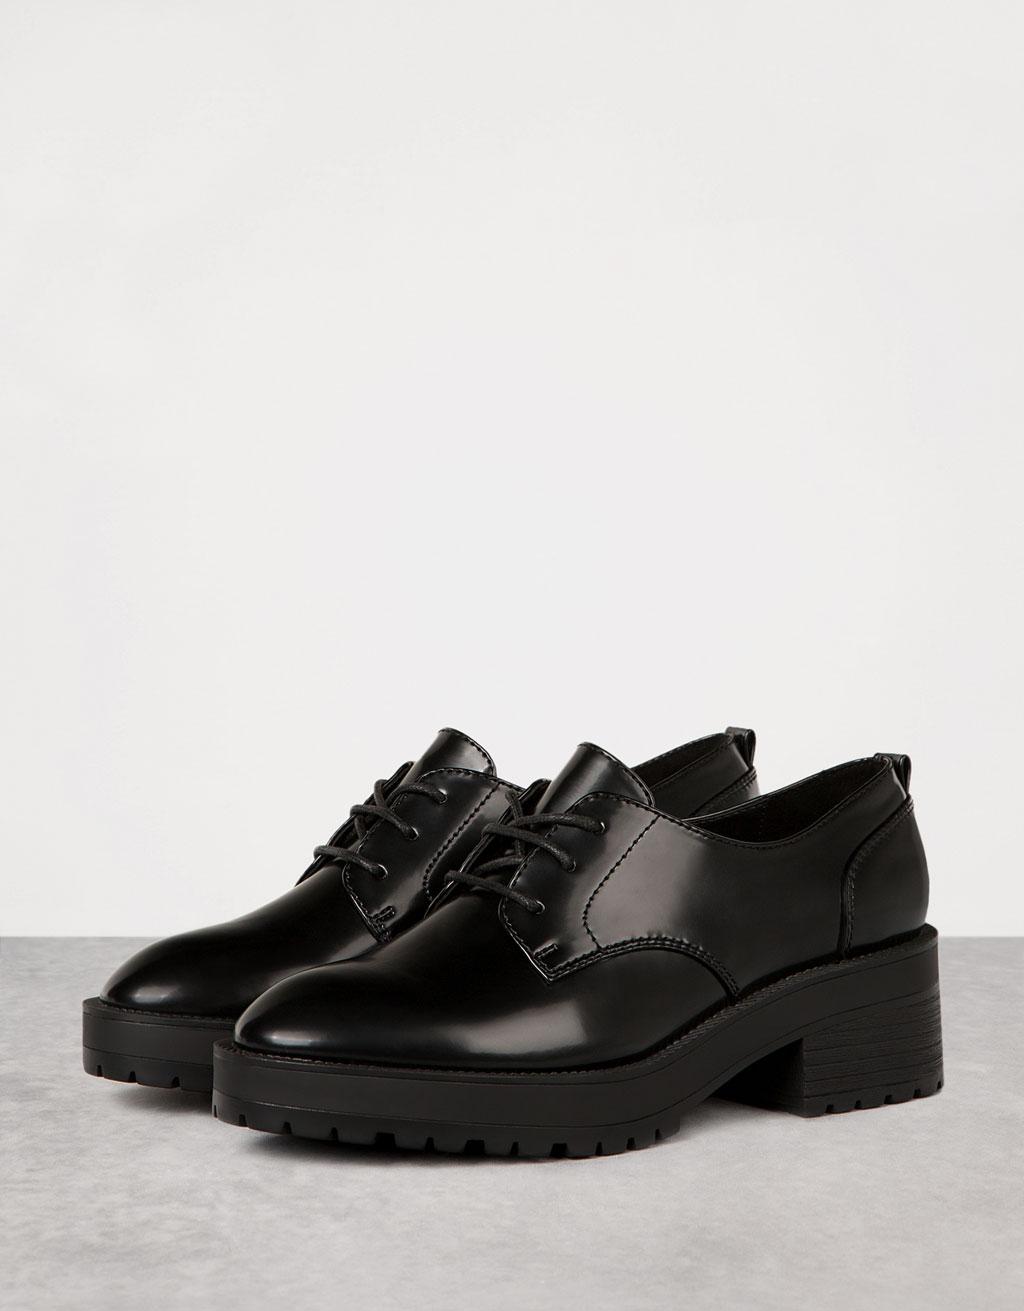 Zapato vestir piso grueso acordonado